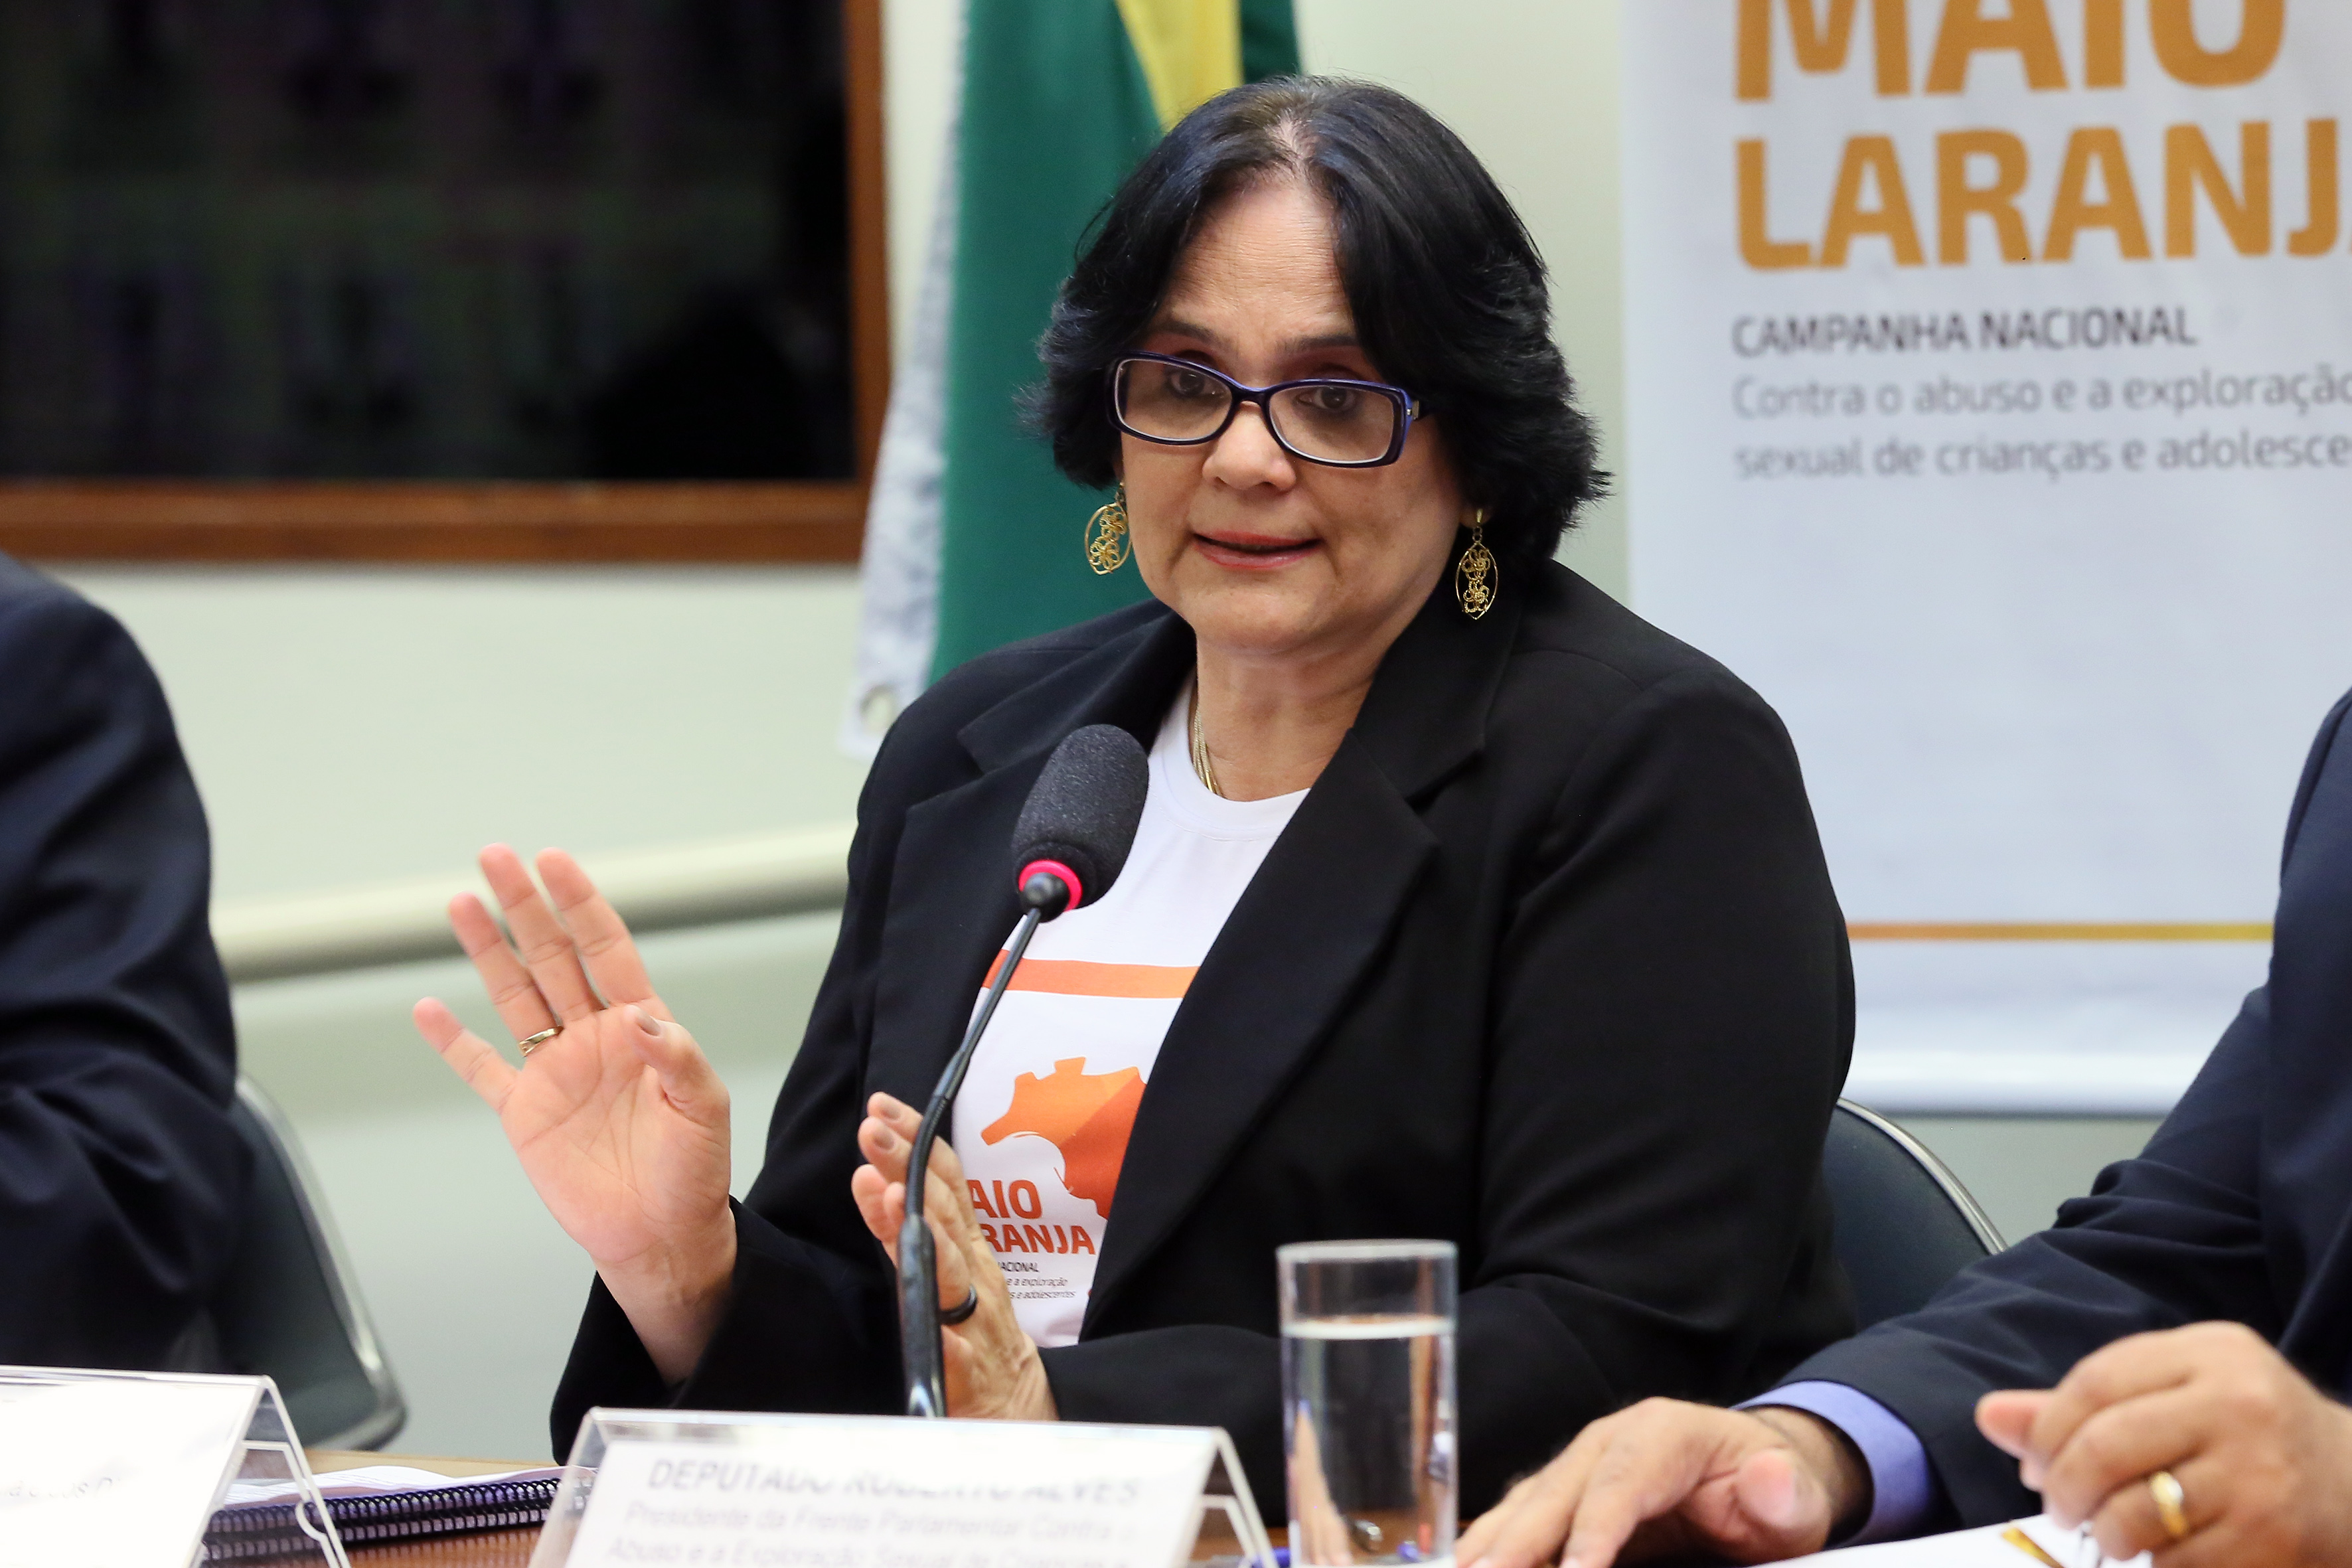 Reunião para anunciar mudanças no Disque 100 e divulgar um balanço de atendimentos de violência sexual contra crianças e adolescentes. Ministra da Mulher, da Família e dos Direitos Humanos do Brasil, Damares Alves